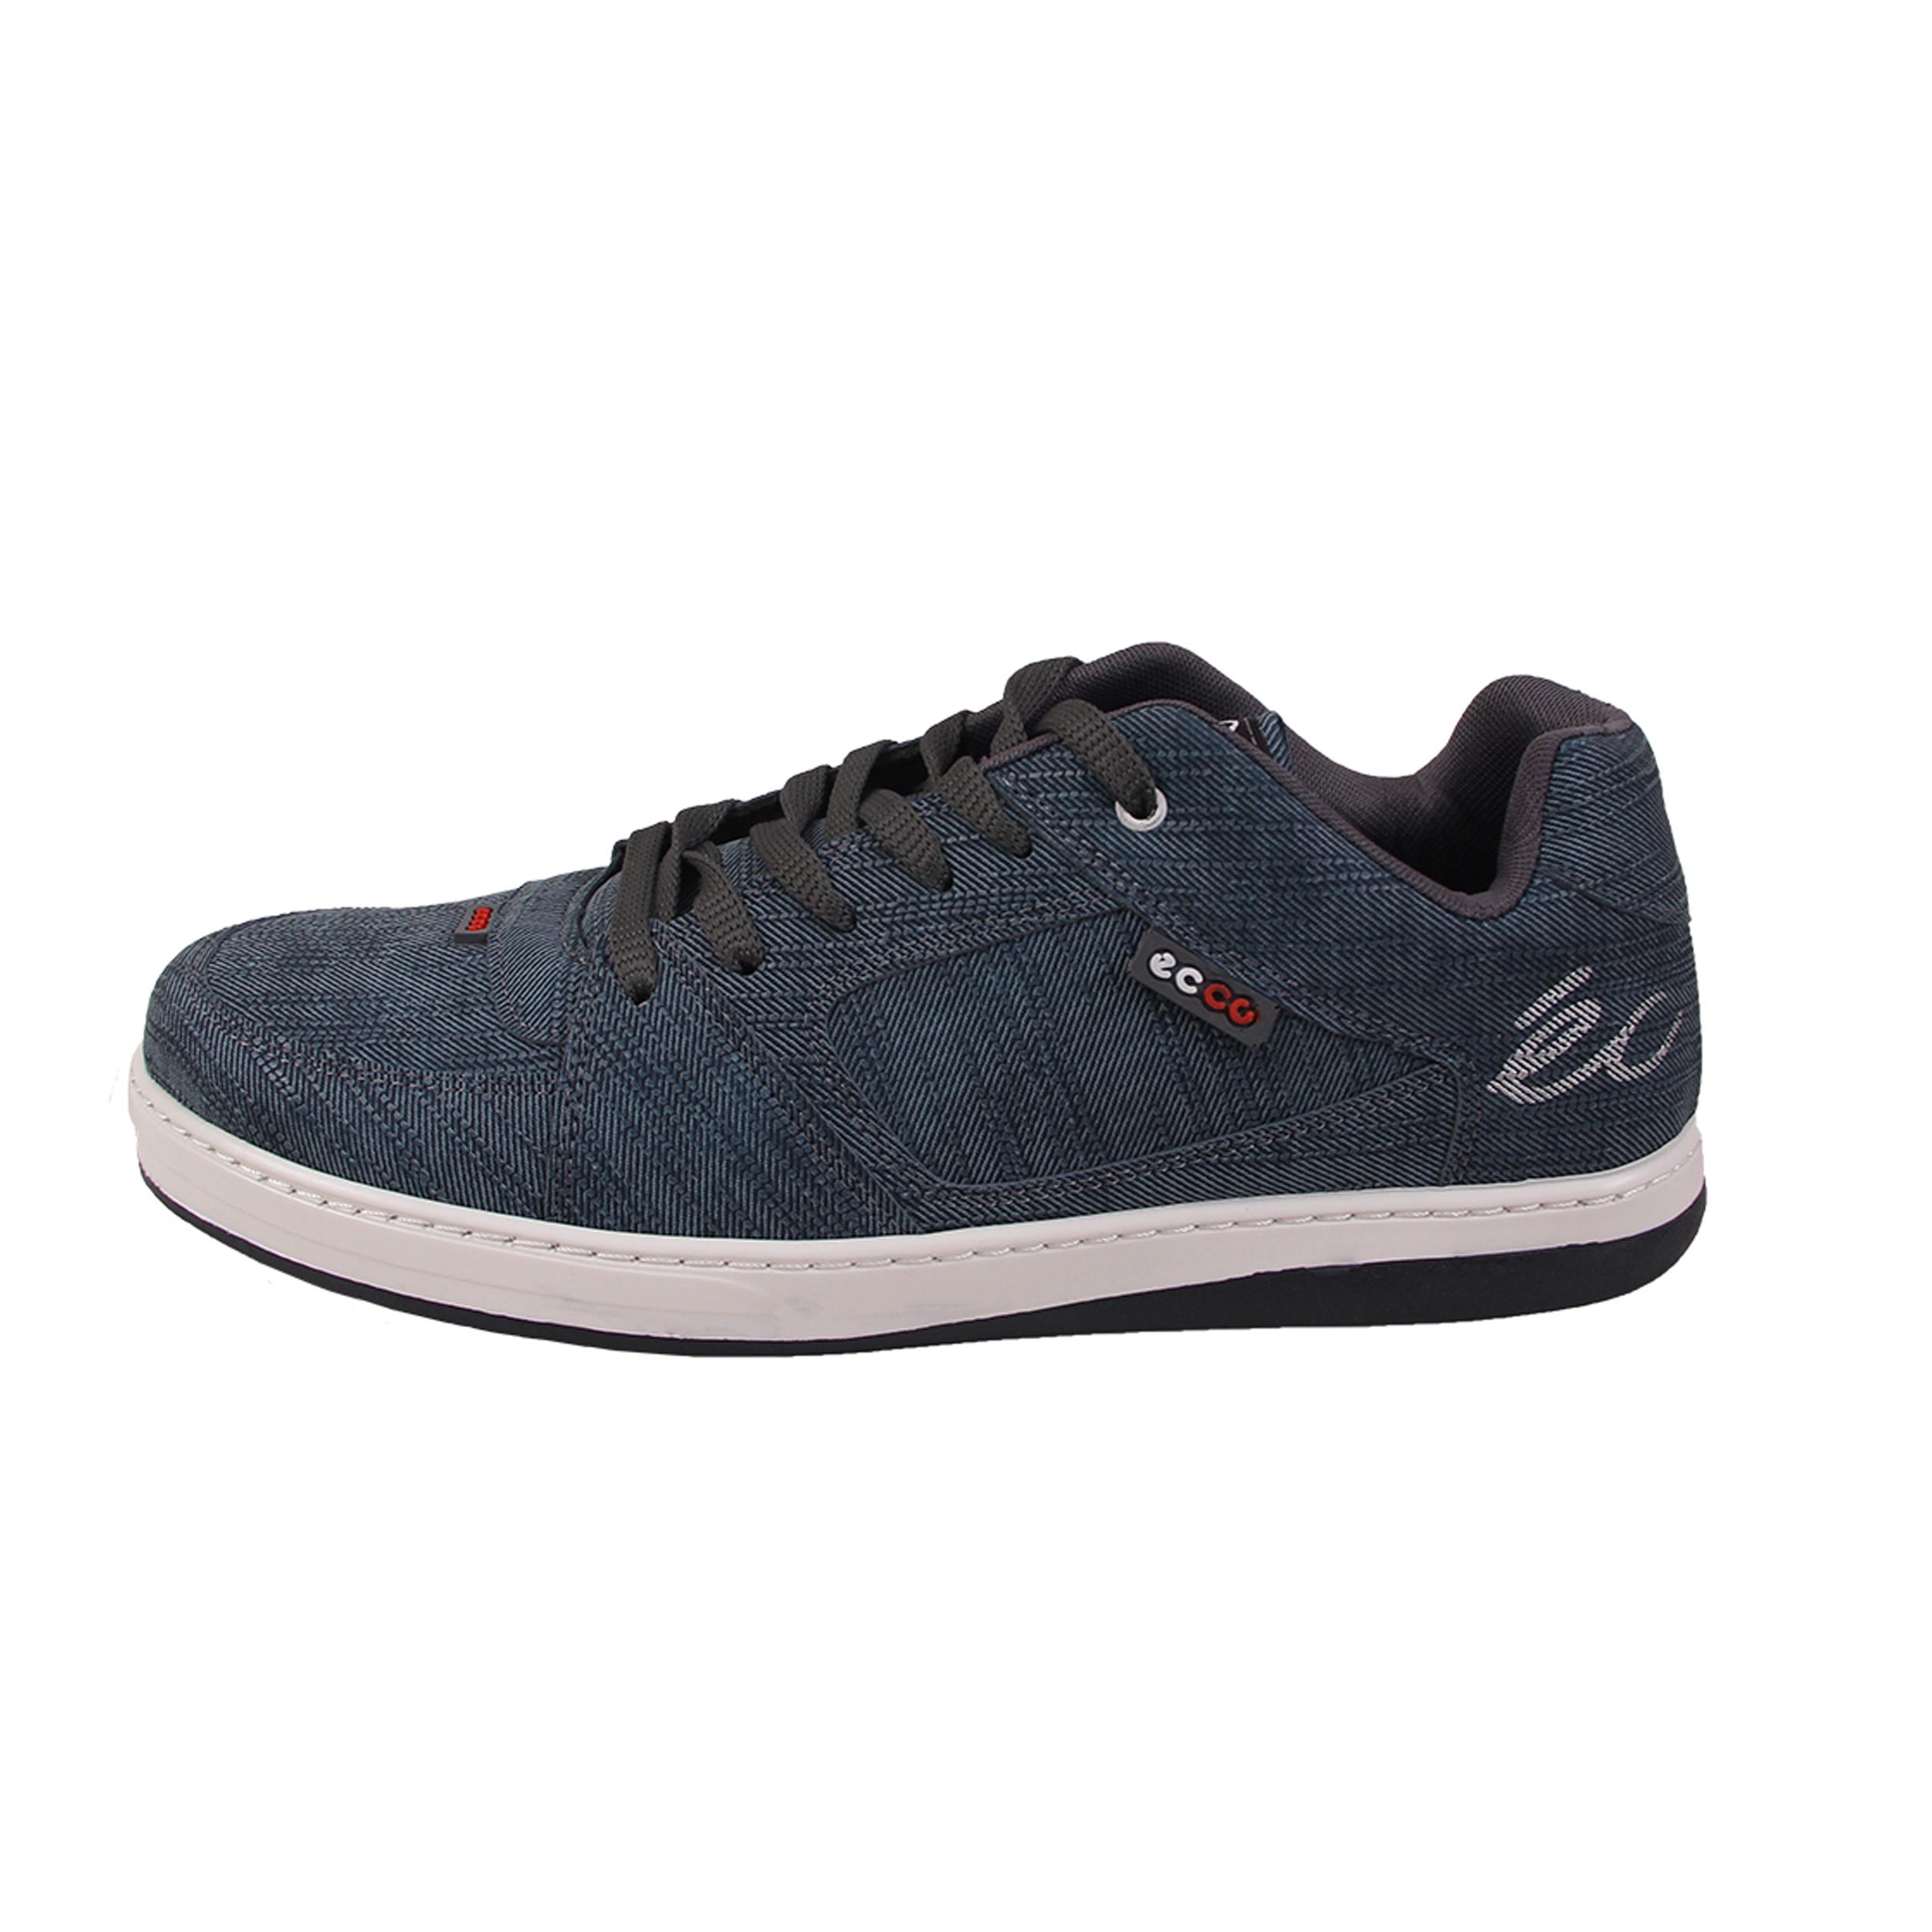 کفش راحتی مردانه کد 18-39727